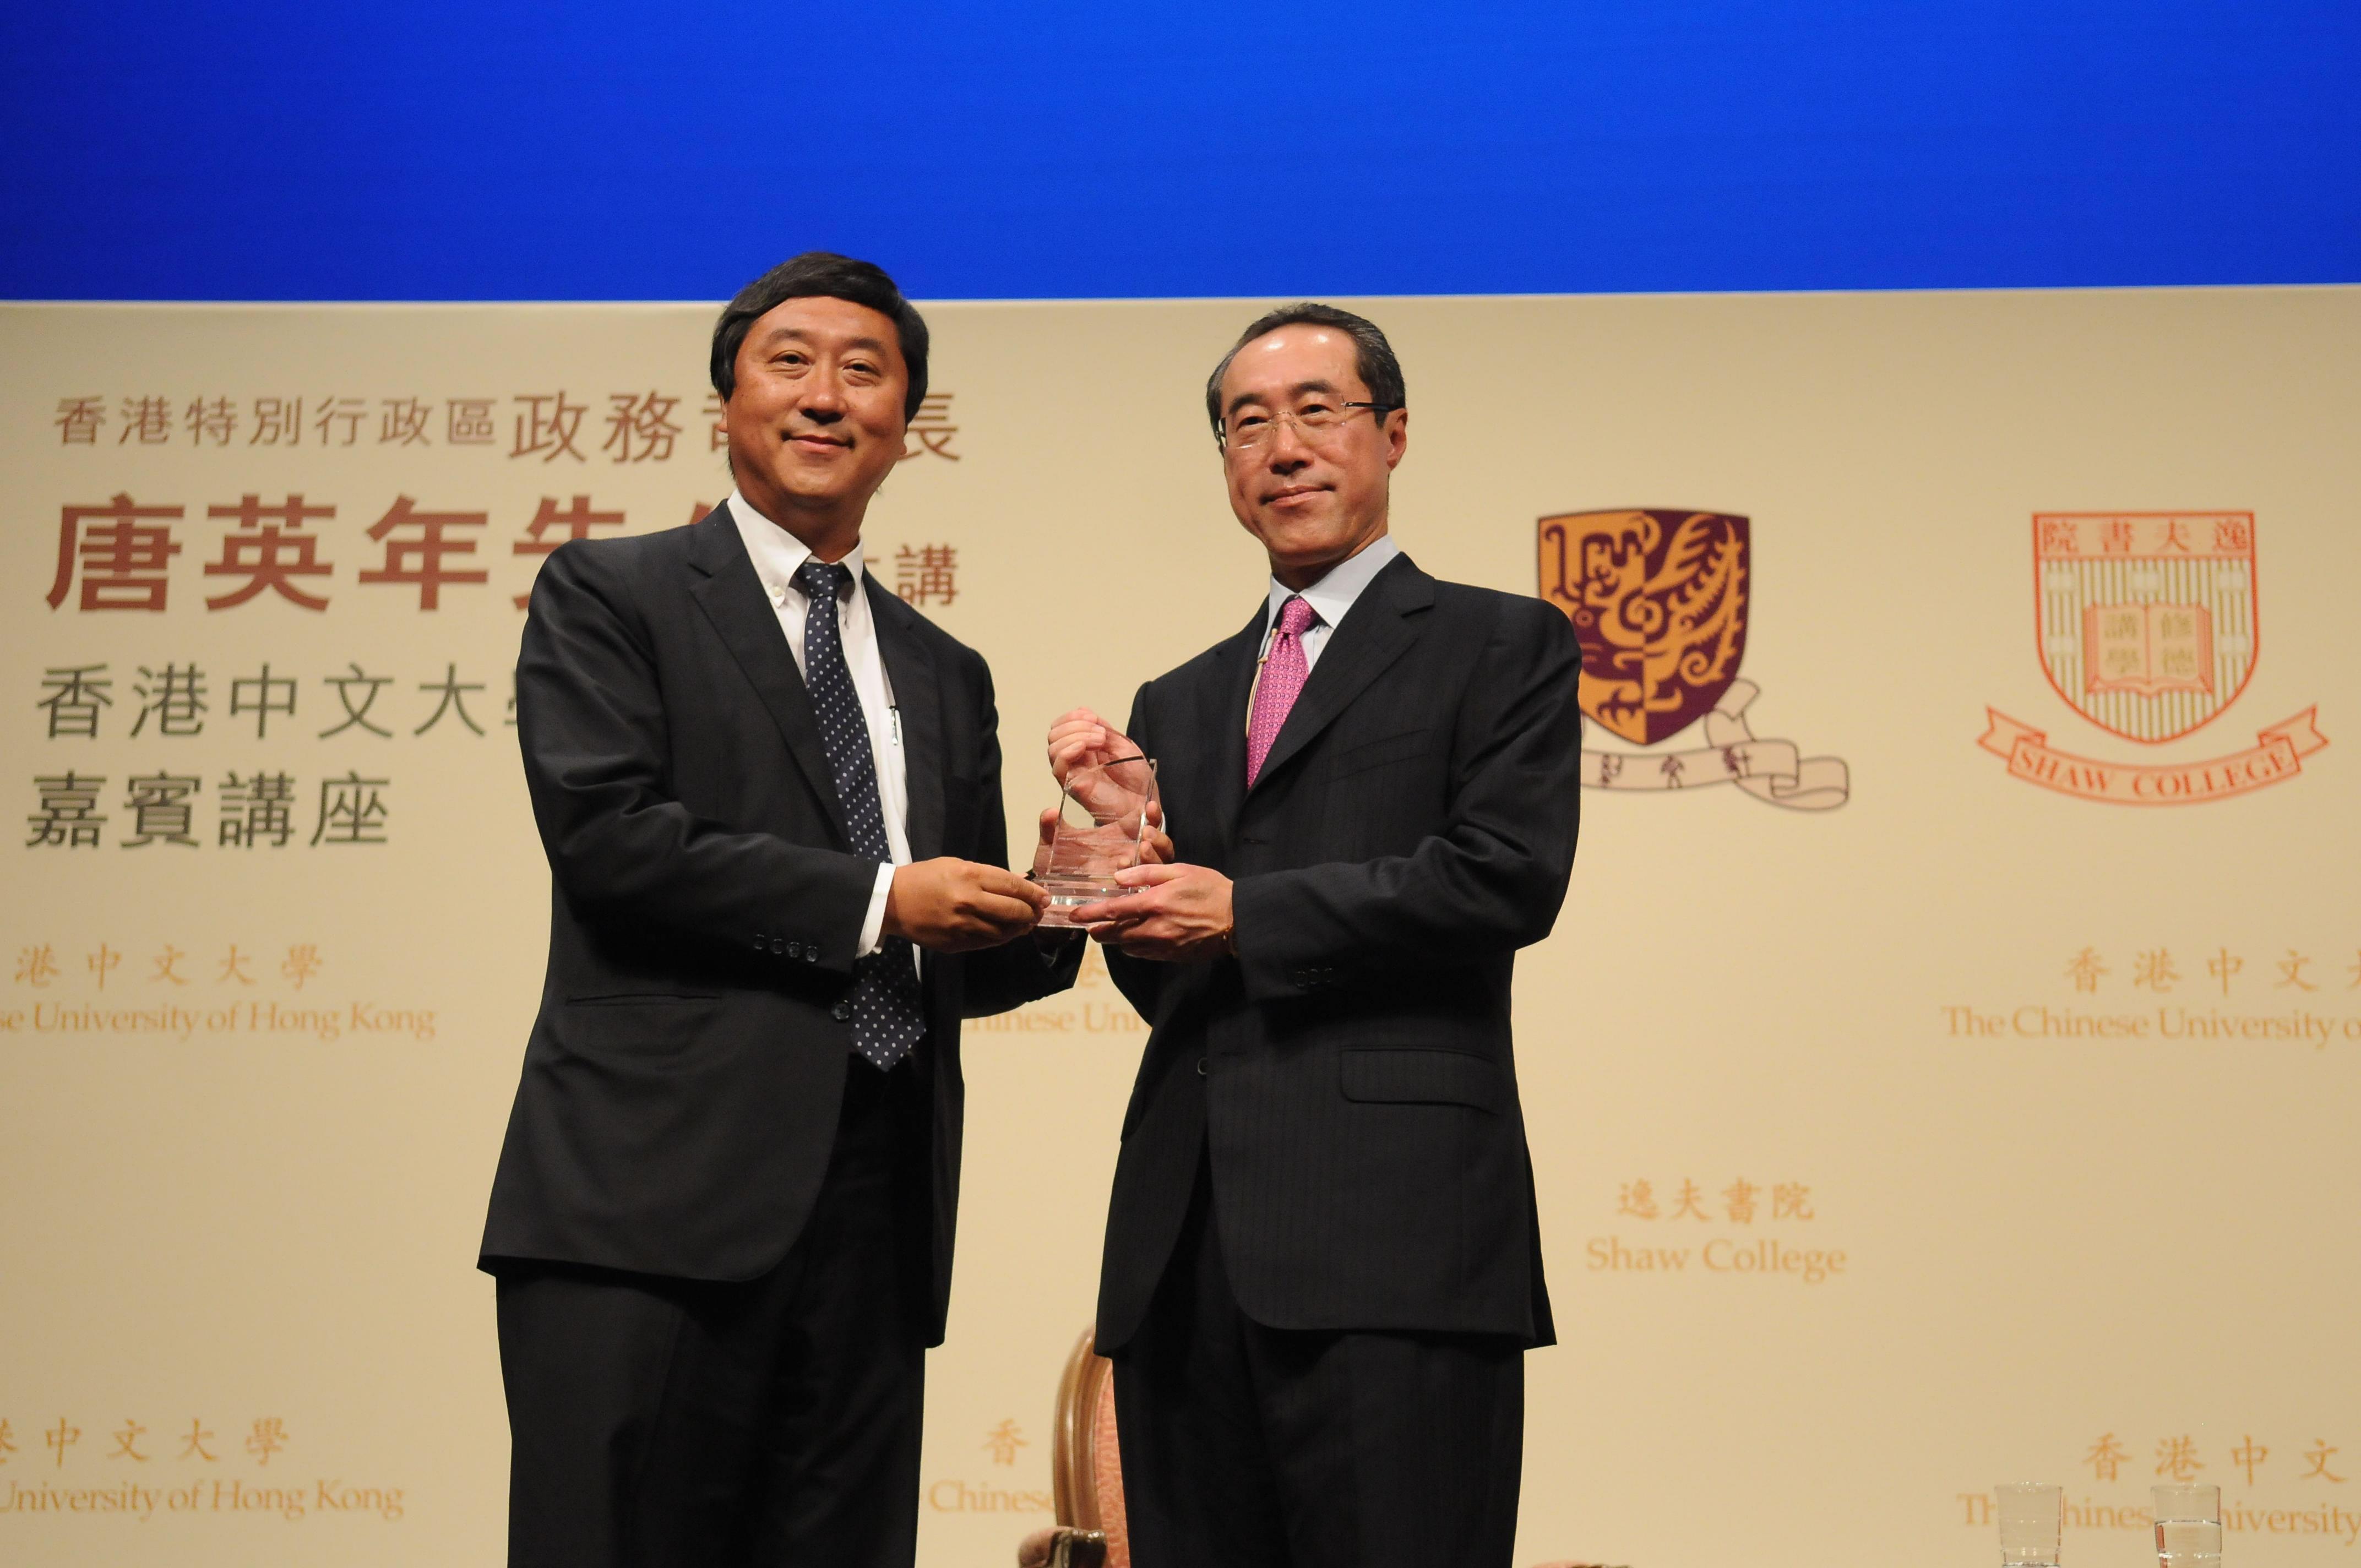 中大逸夫書院院長沈祖堯教授(左)致送紀念品予唐英年司長